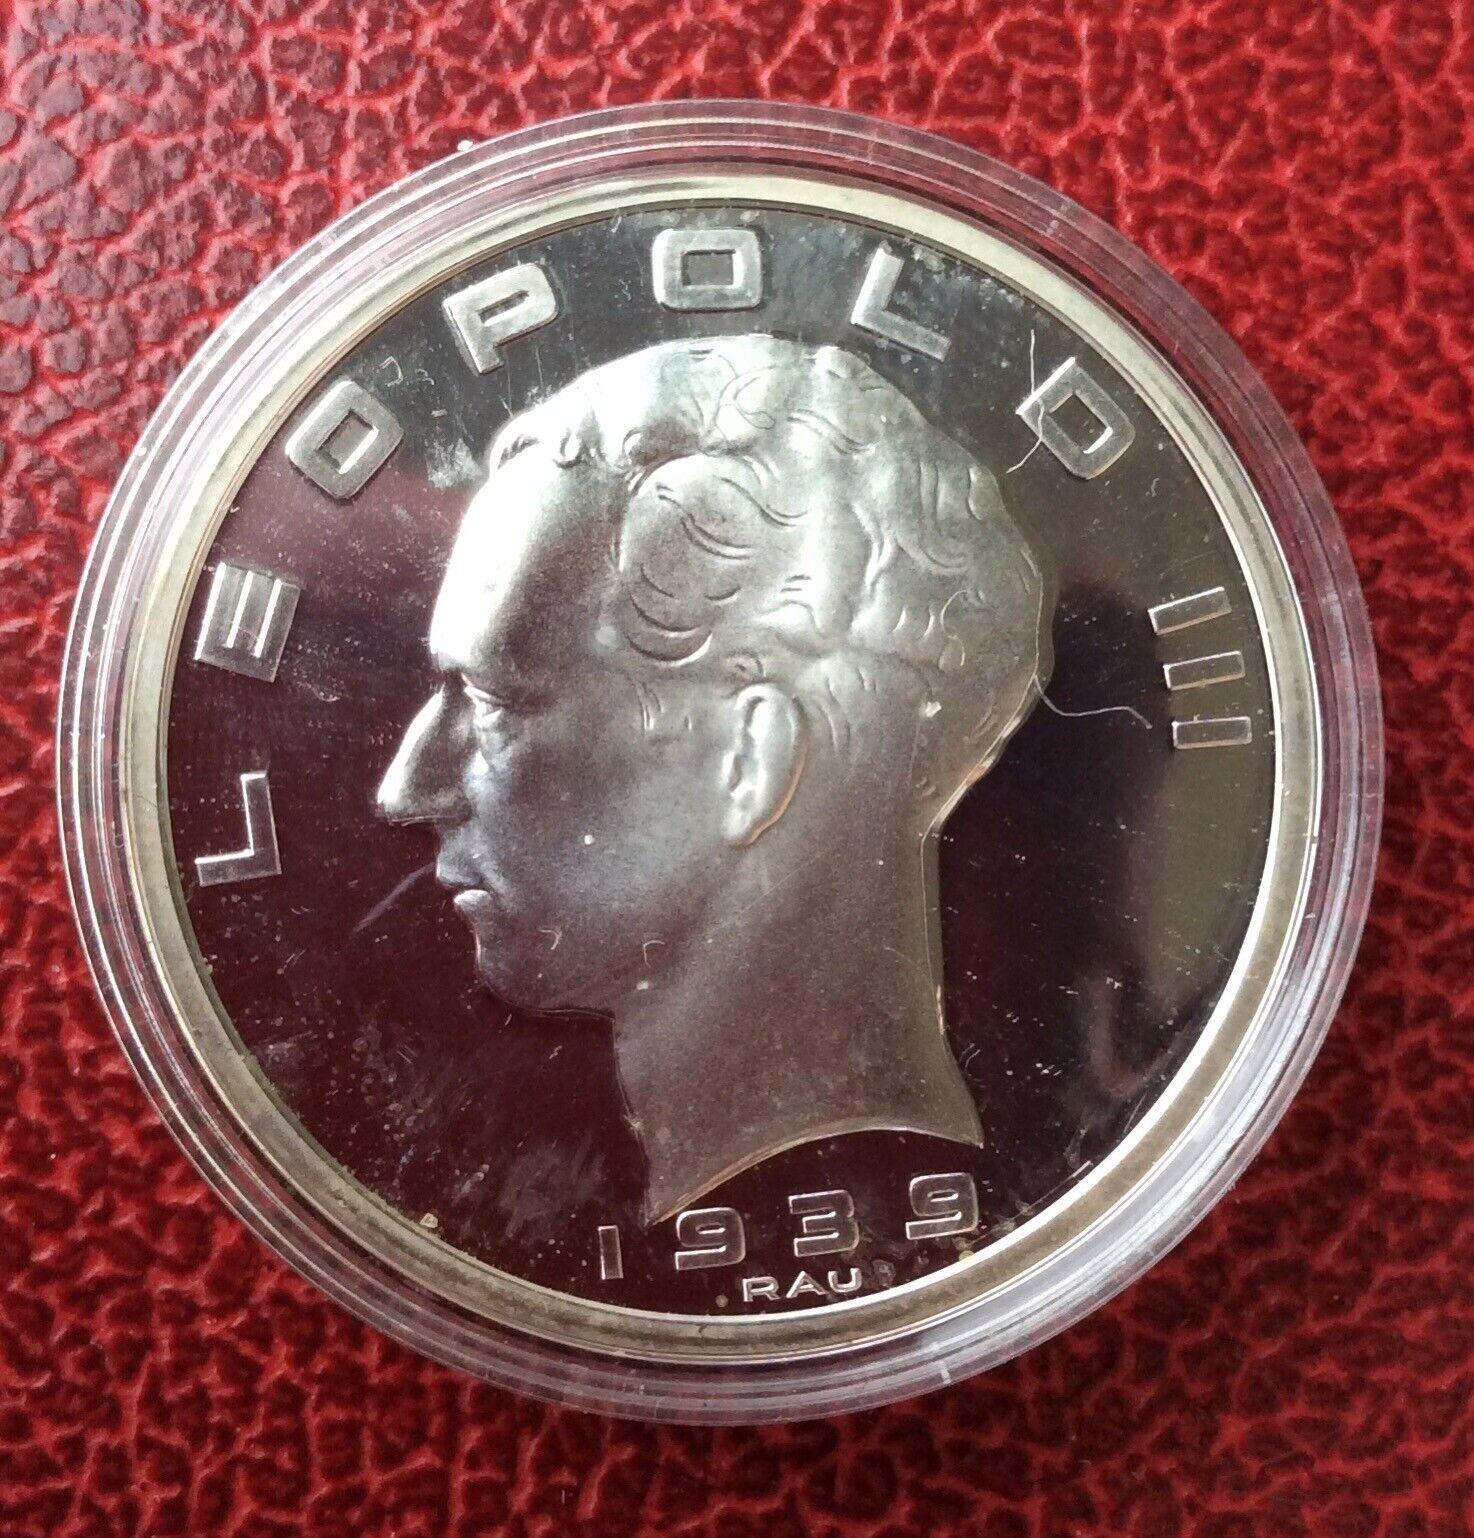 Belgique - Refrappe officielle Monnaie Royale - Rare 50 Francs 1939 FR  - Argent